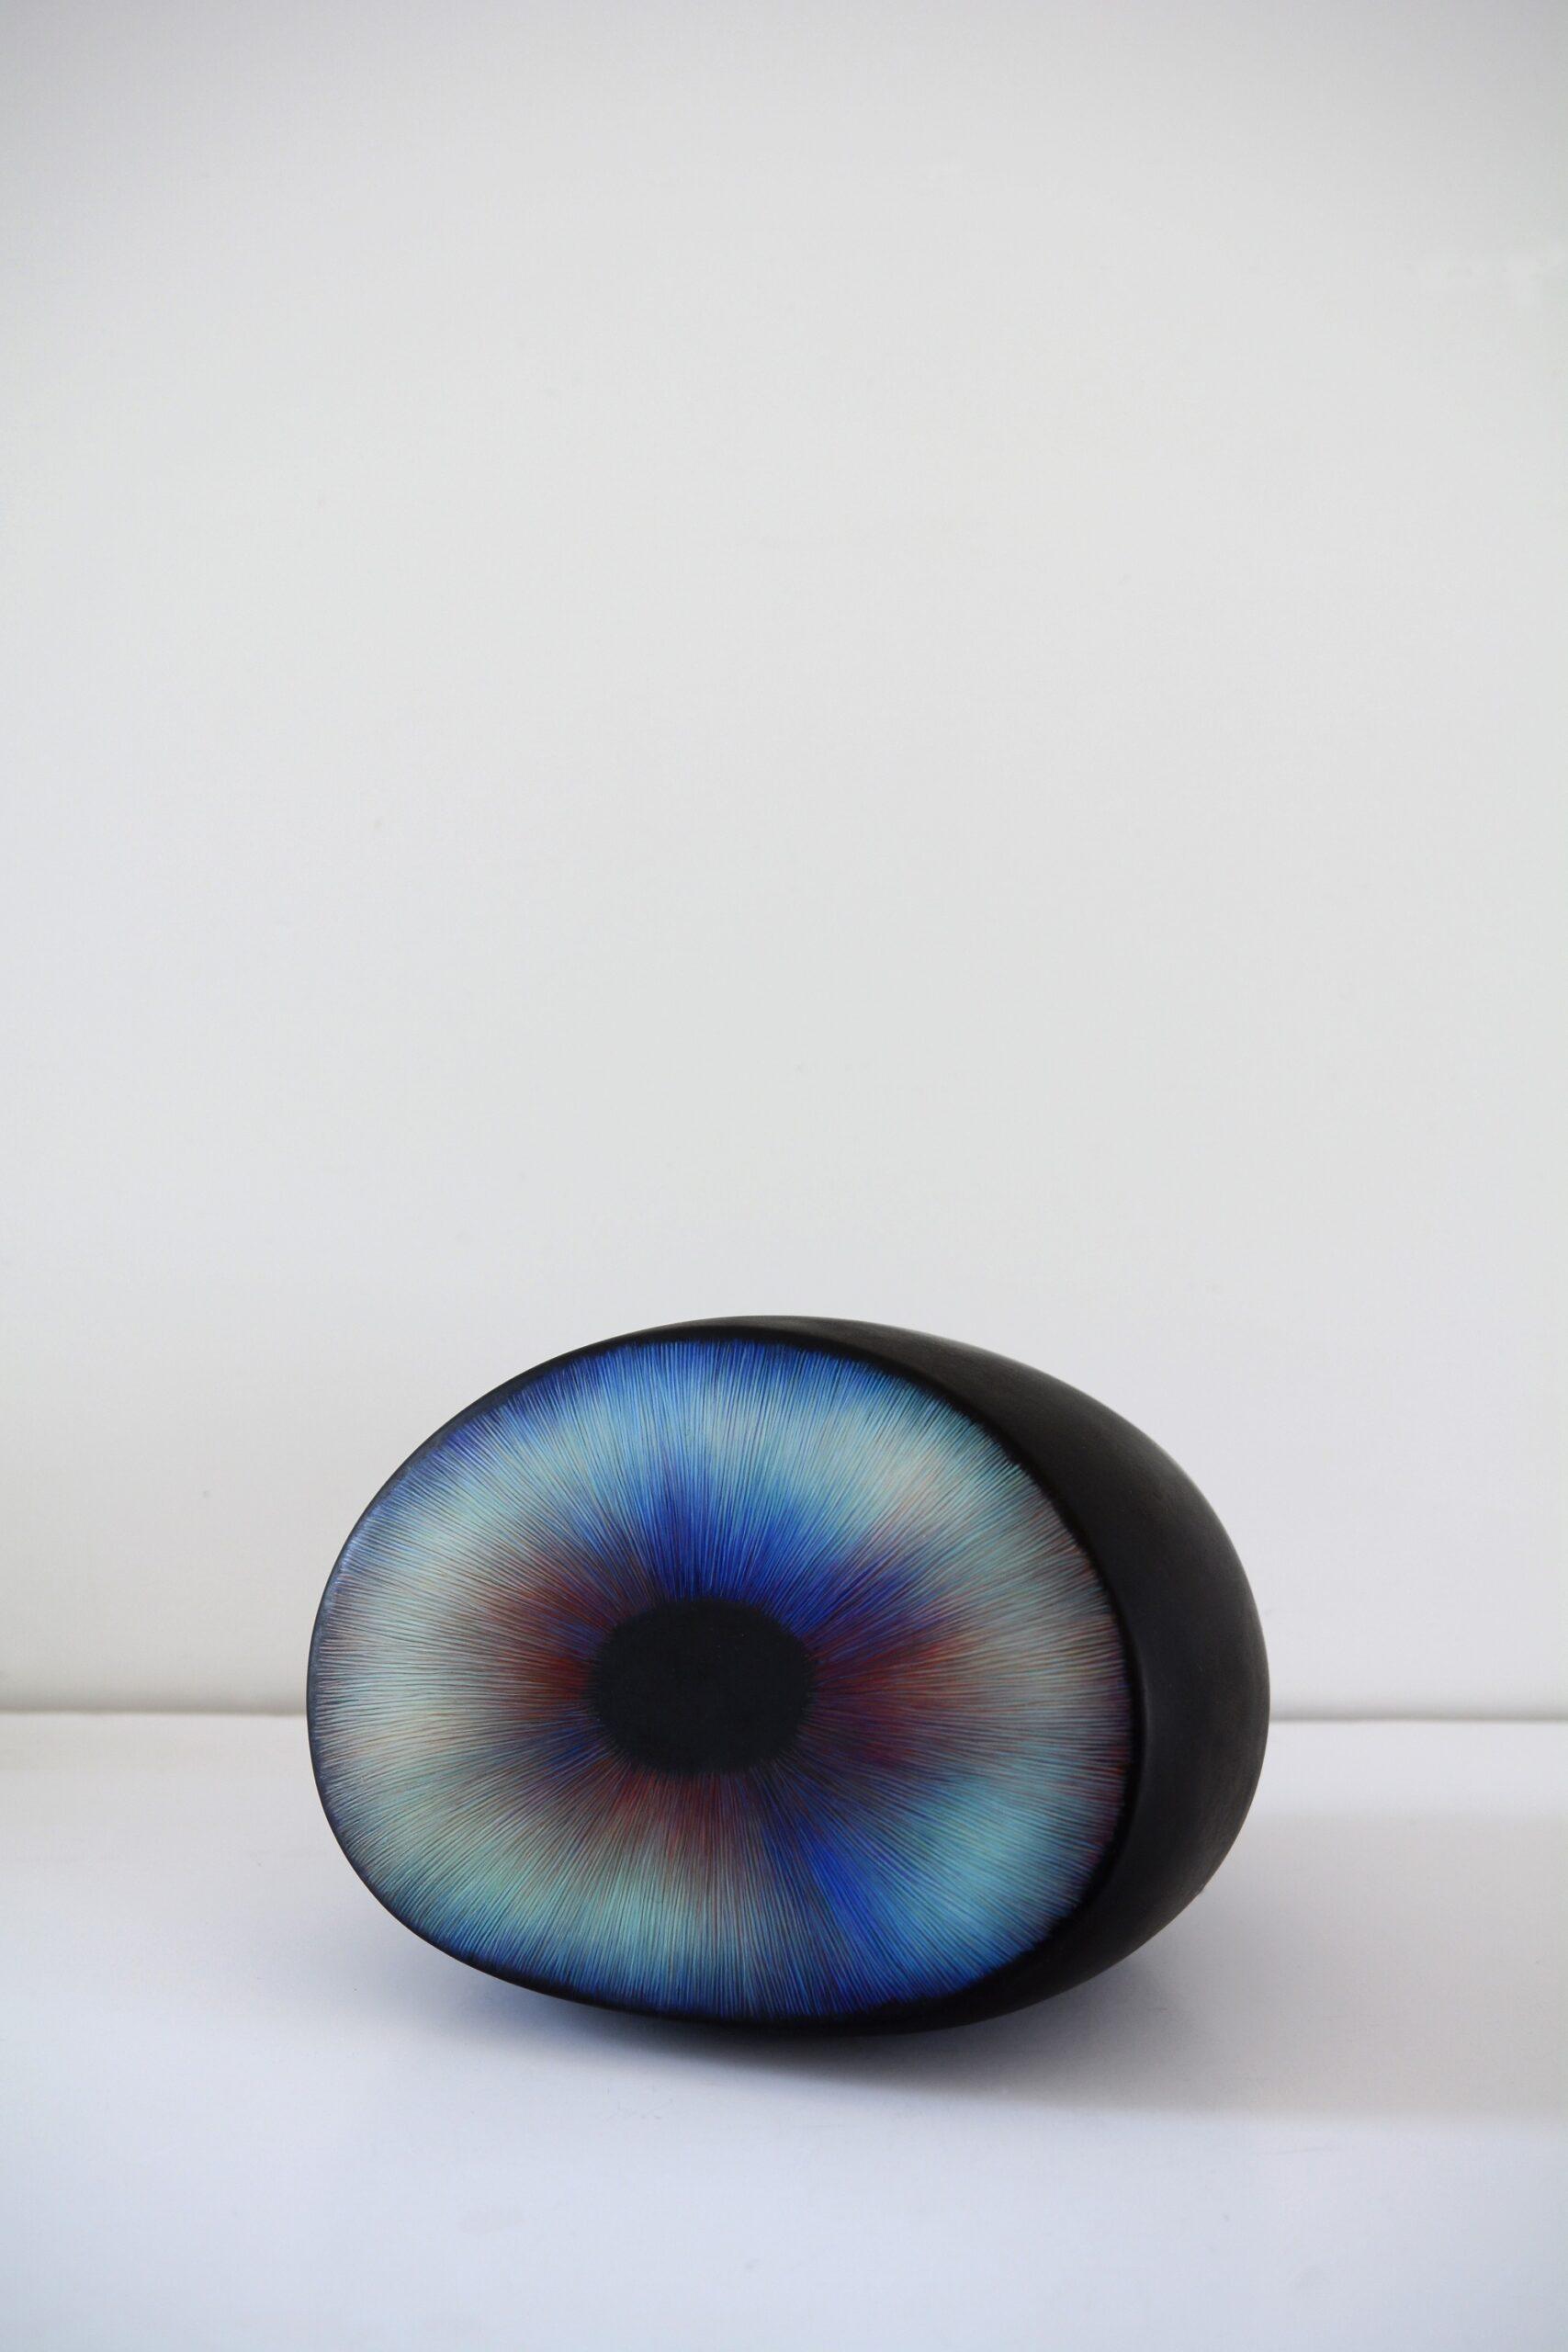 Magdalena Moskwa bez tytułu / Untitled, nr. 96, 2019 zaprawa kredowa, olej i półka / chalk mortar, oil and shelf 23,00 x 18,00 x 21,00 cm